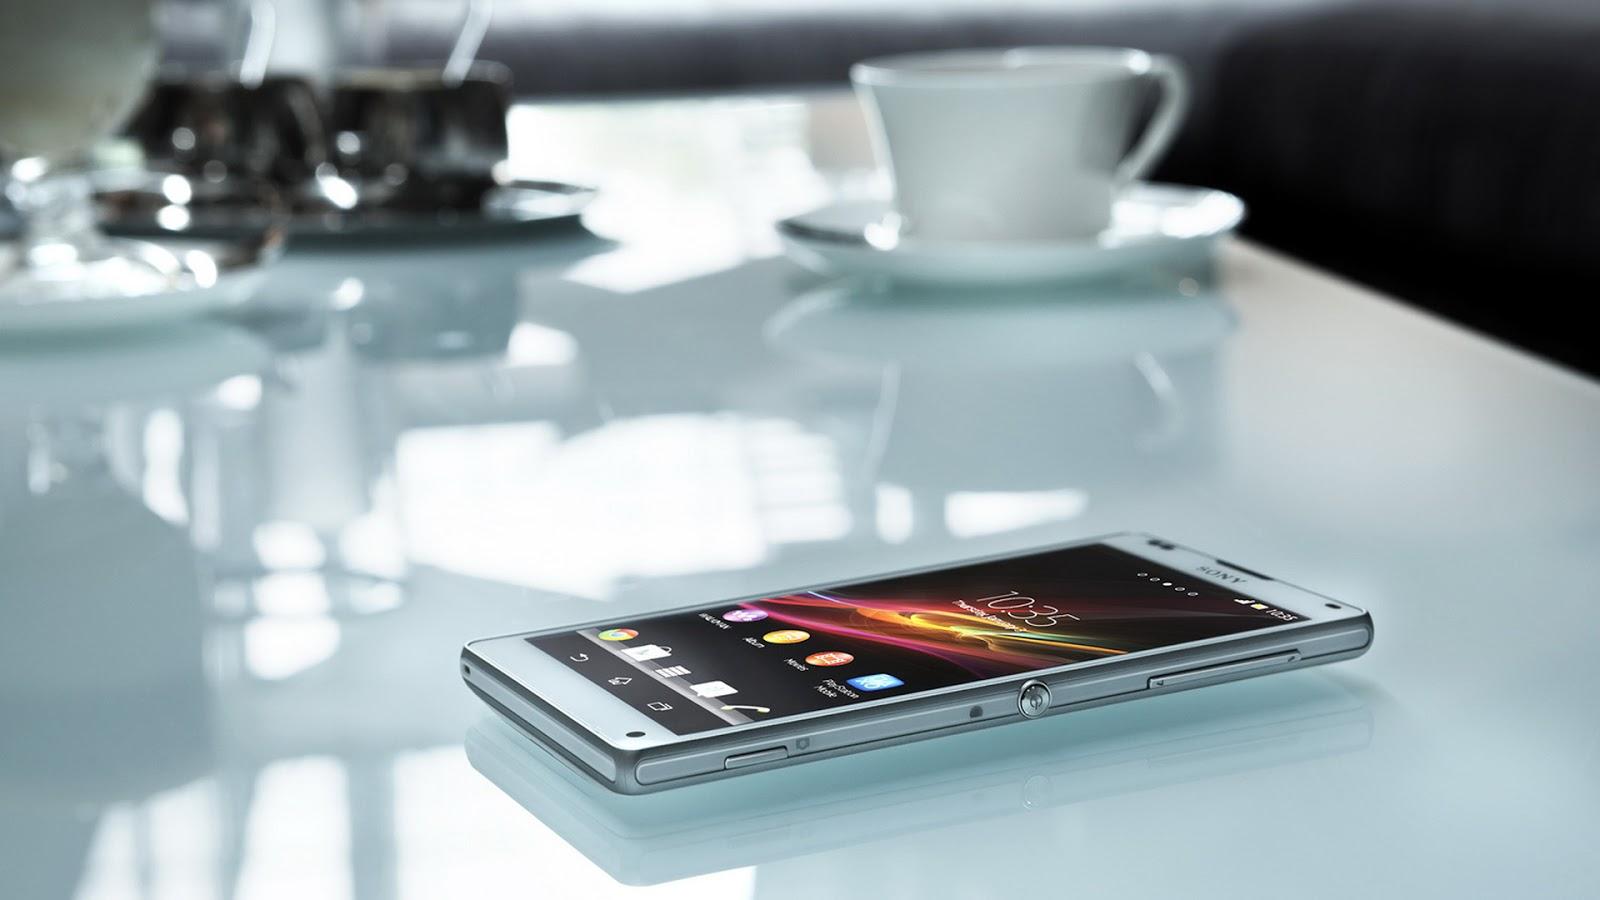 Sony-xperia-zlfotos-de-los-ultimos-telefonos-moviles-celulares